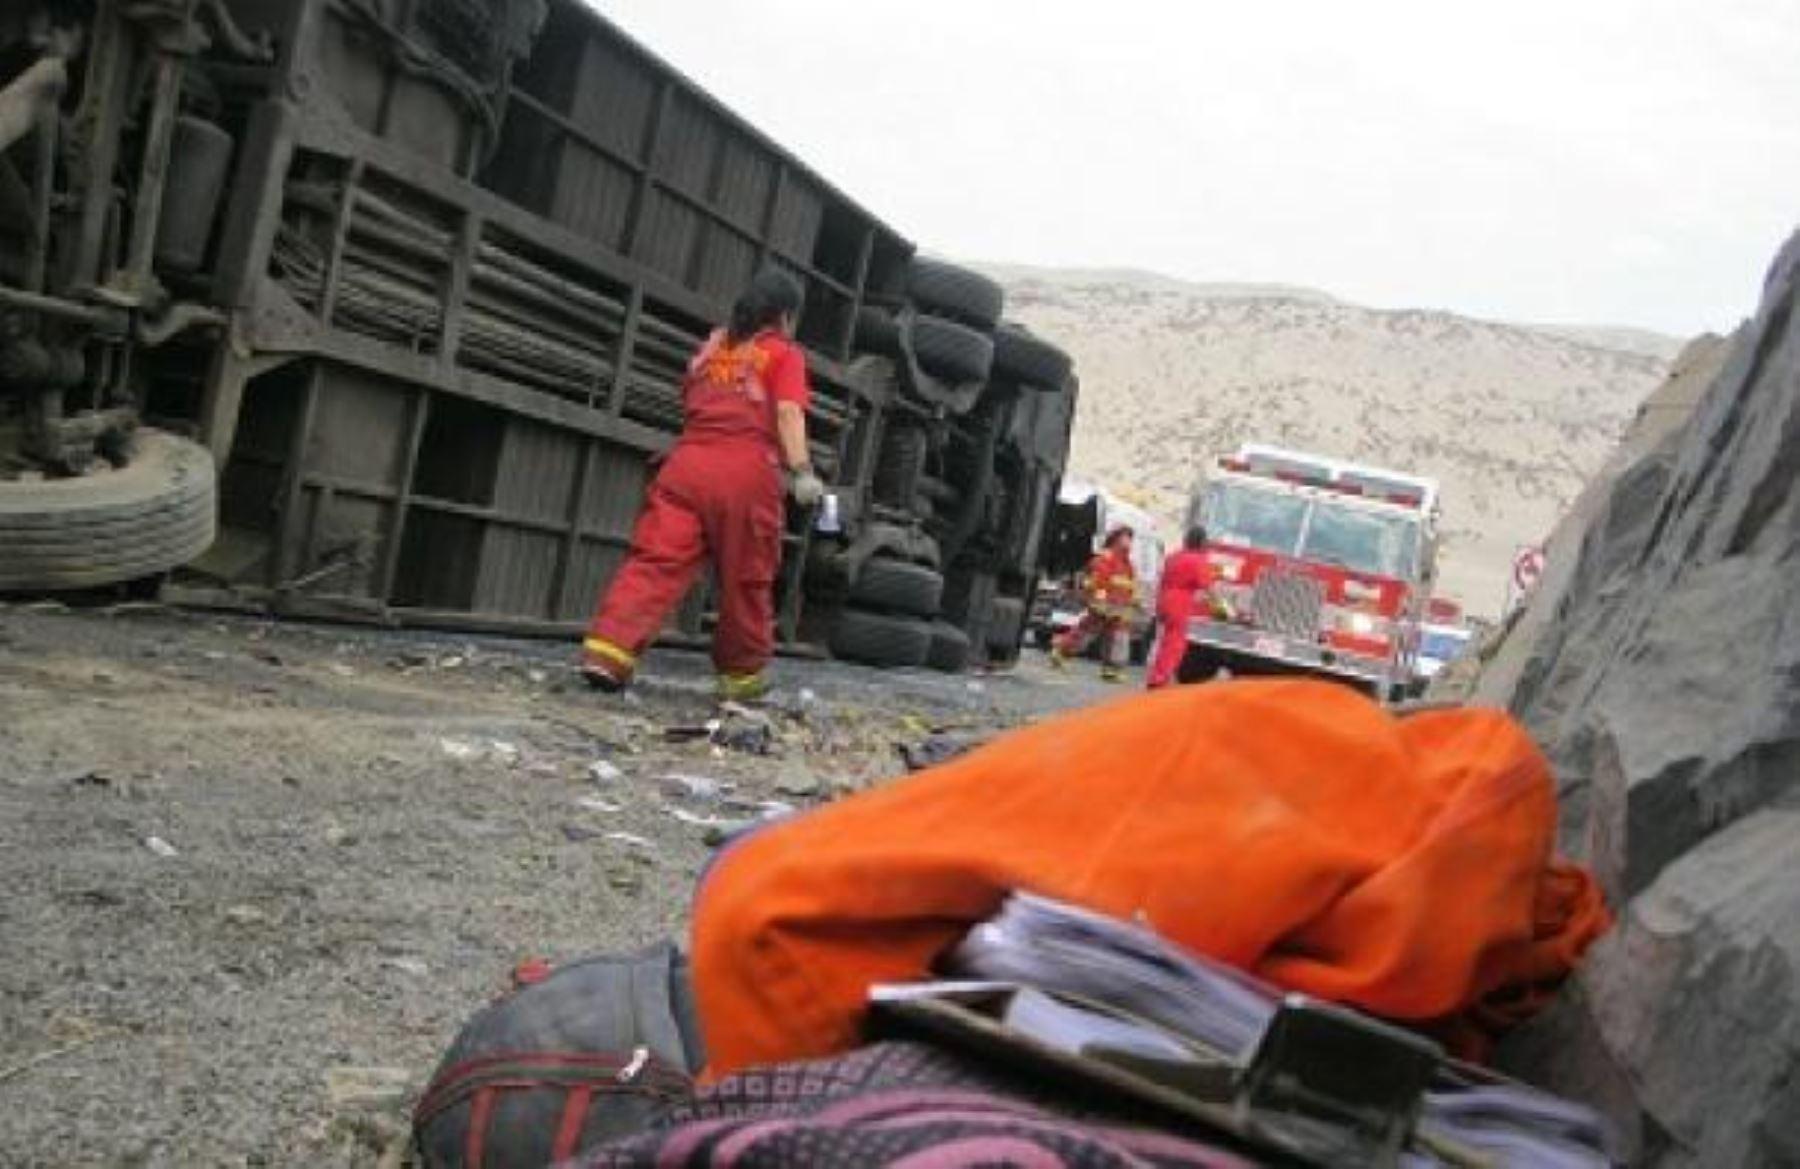 Despiste de bus interprovincial deja 7 muertos y 22 heridos — Arequipa